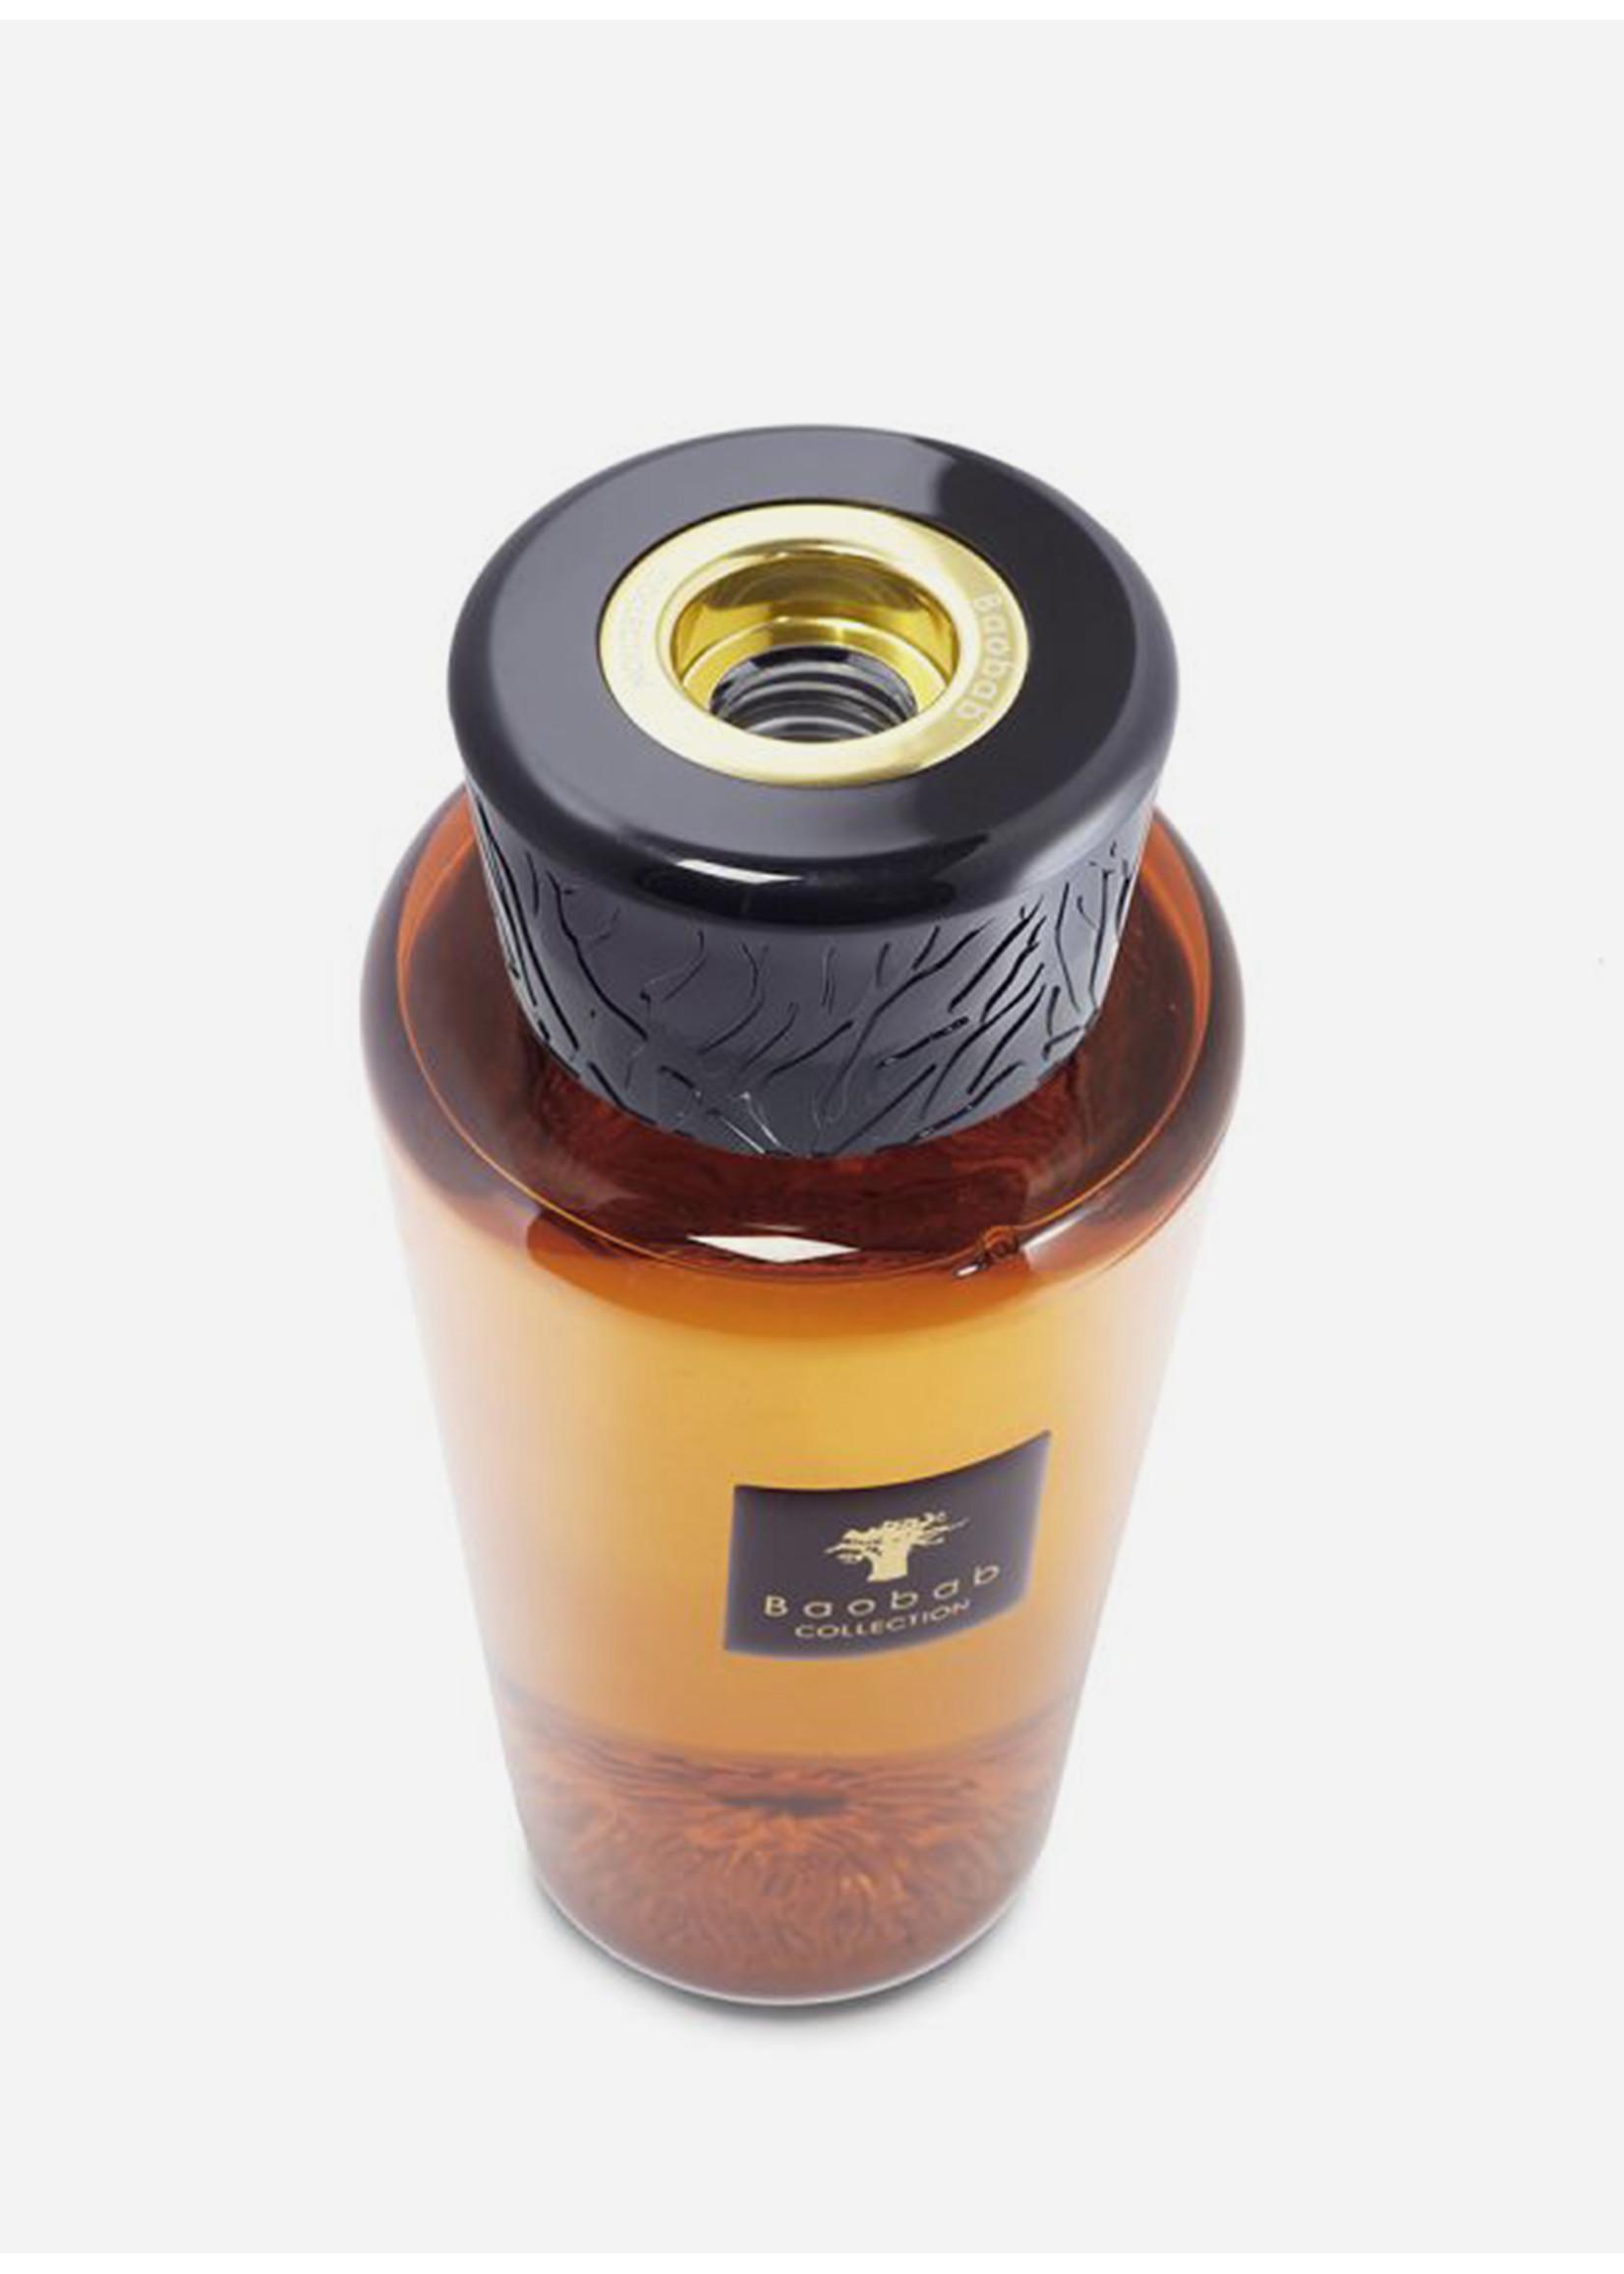 Baobab Diffuser Cuir de Russie 500 ml